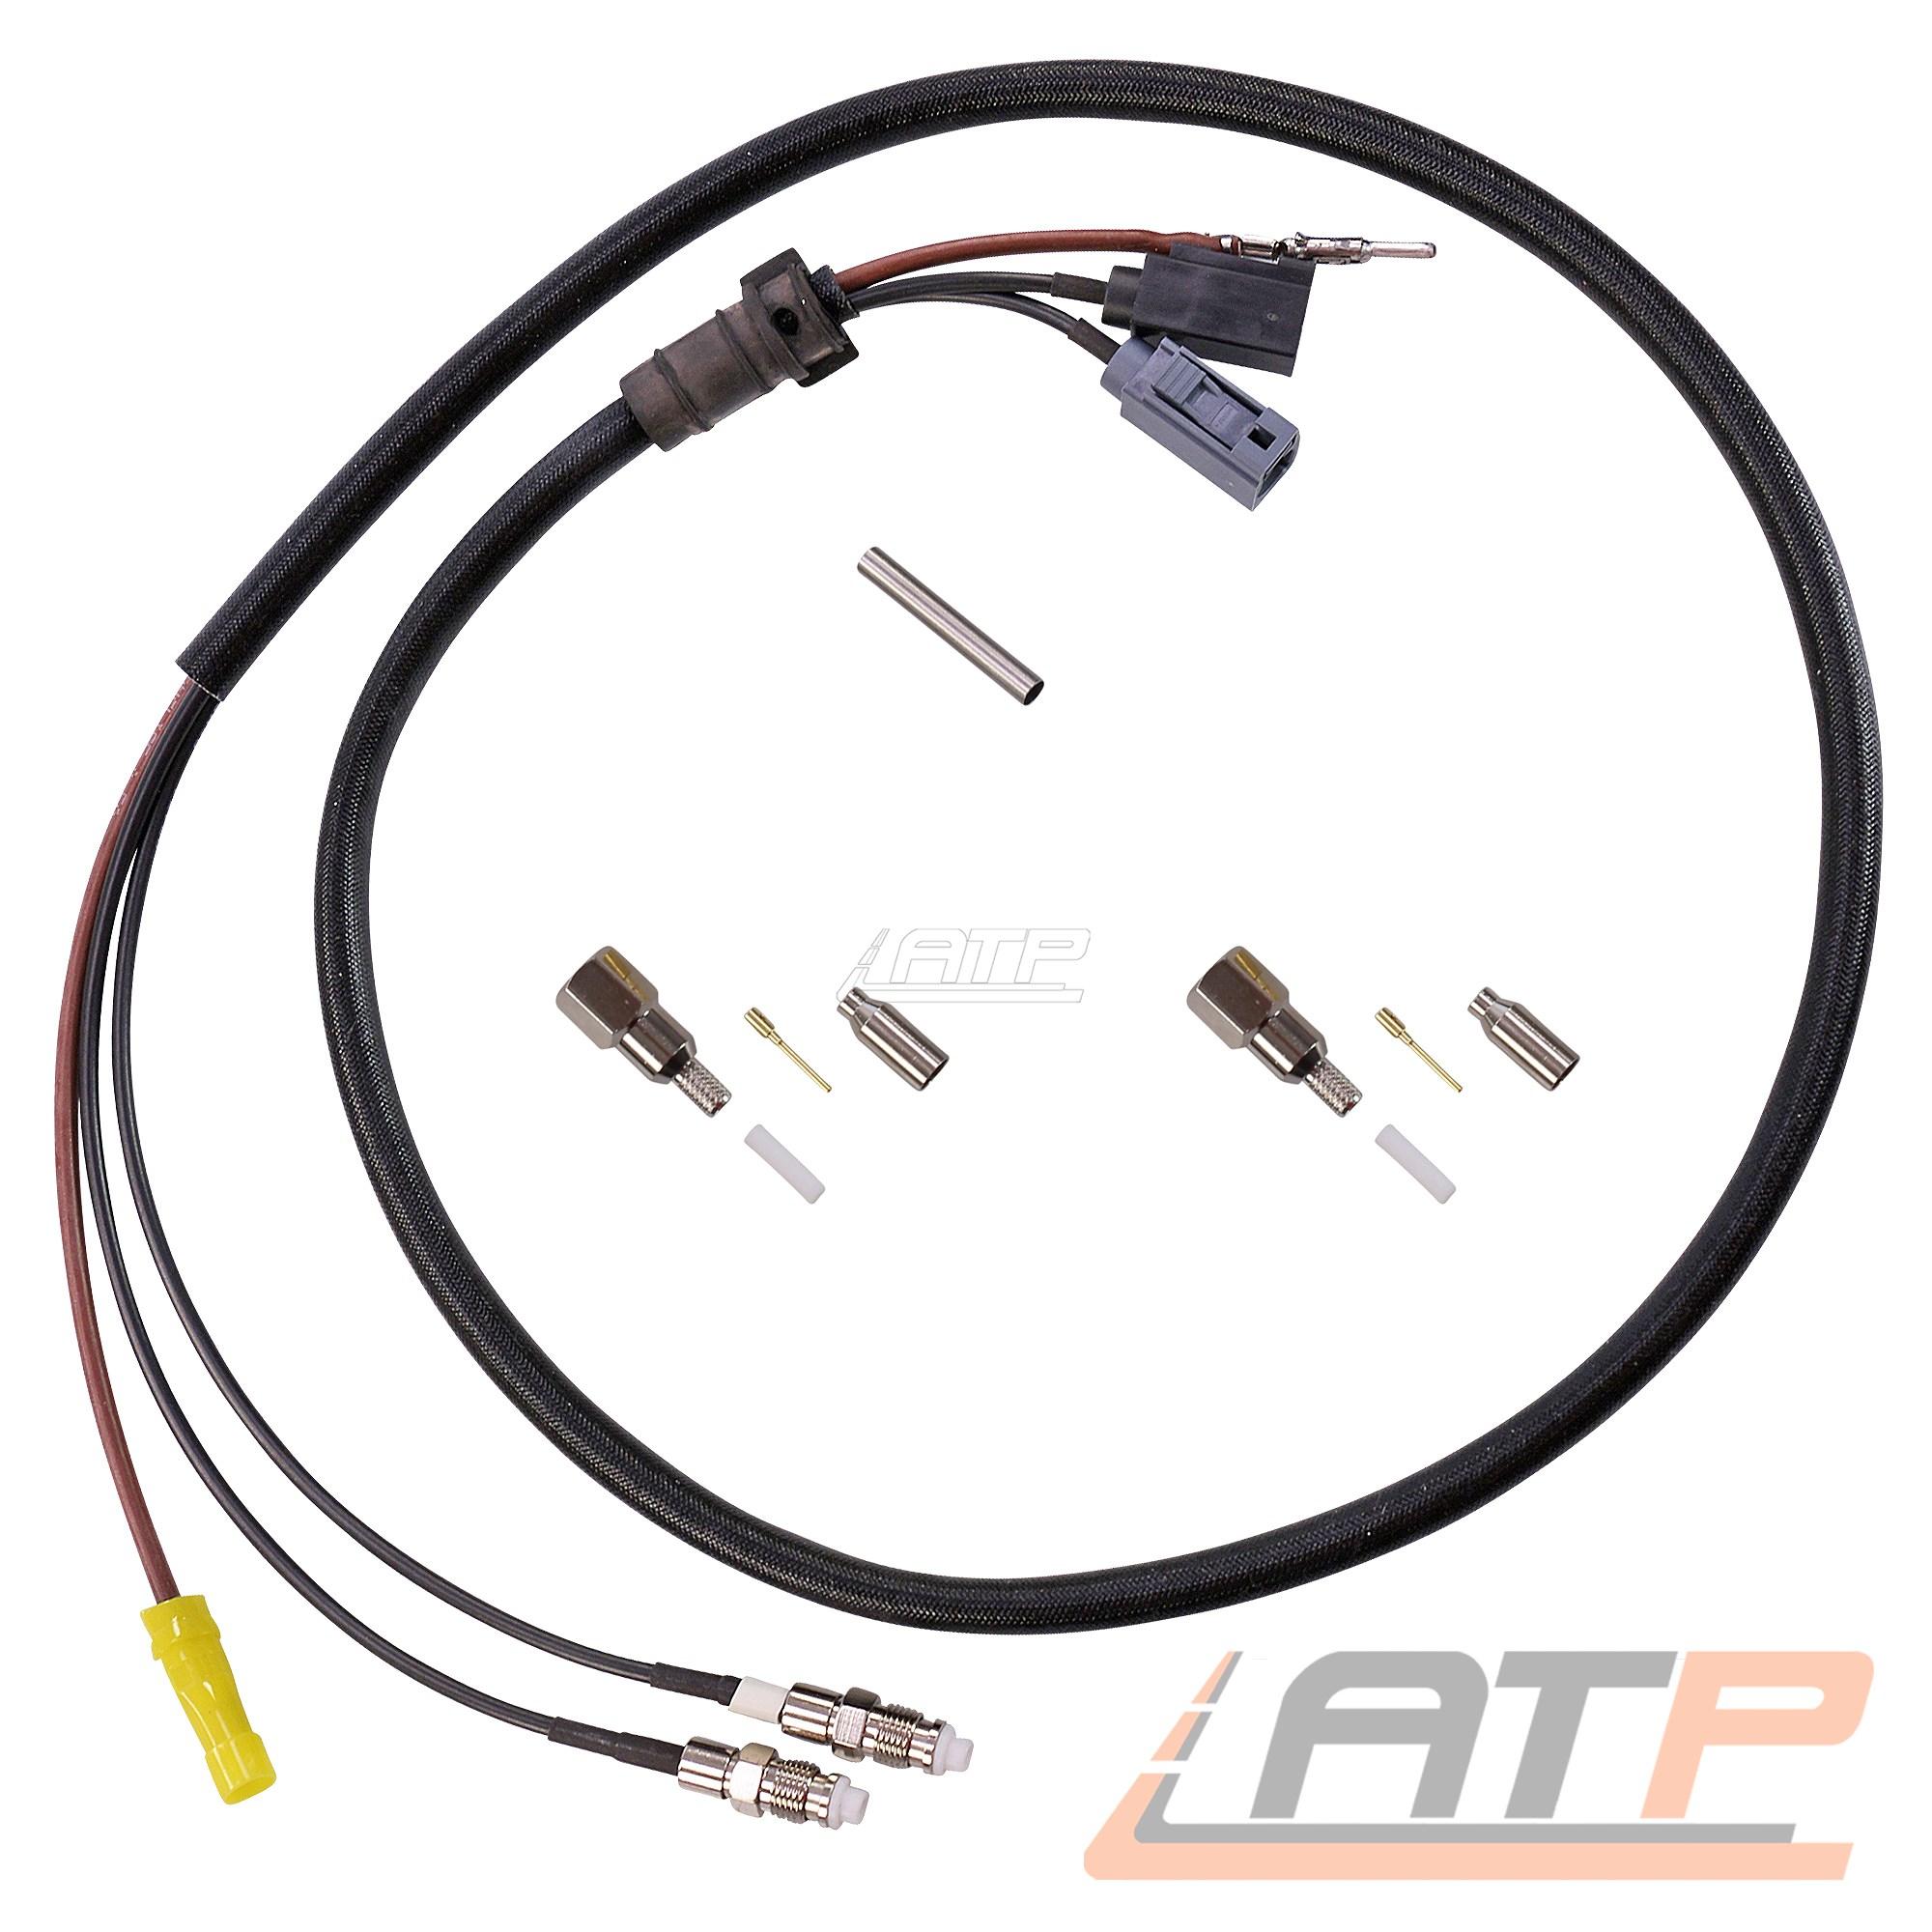 Servicios de reparación frase cable antena maletero portón trasero 32283921